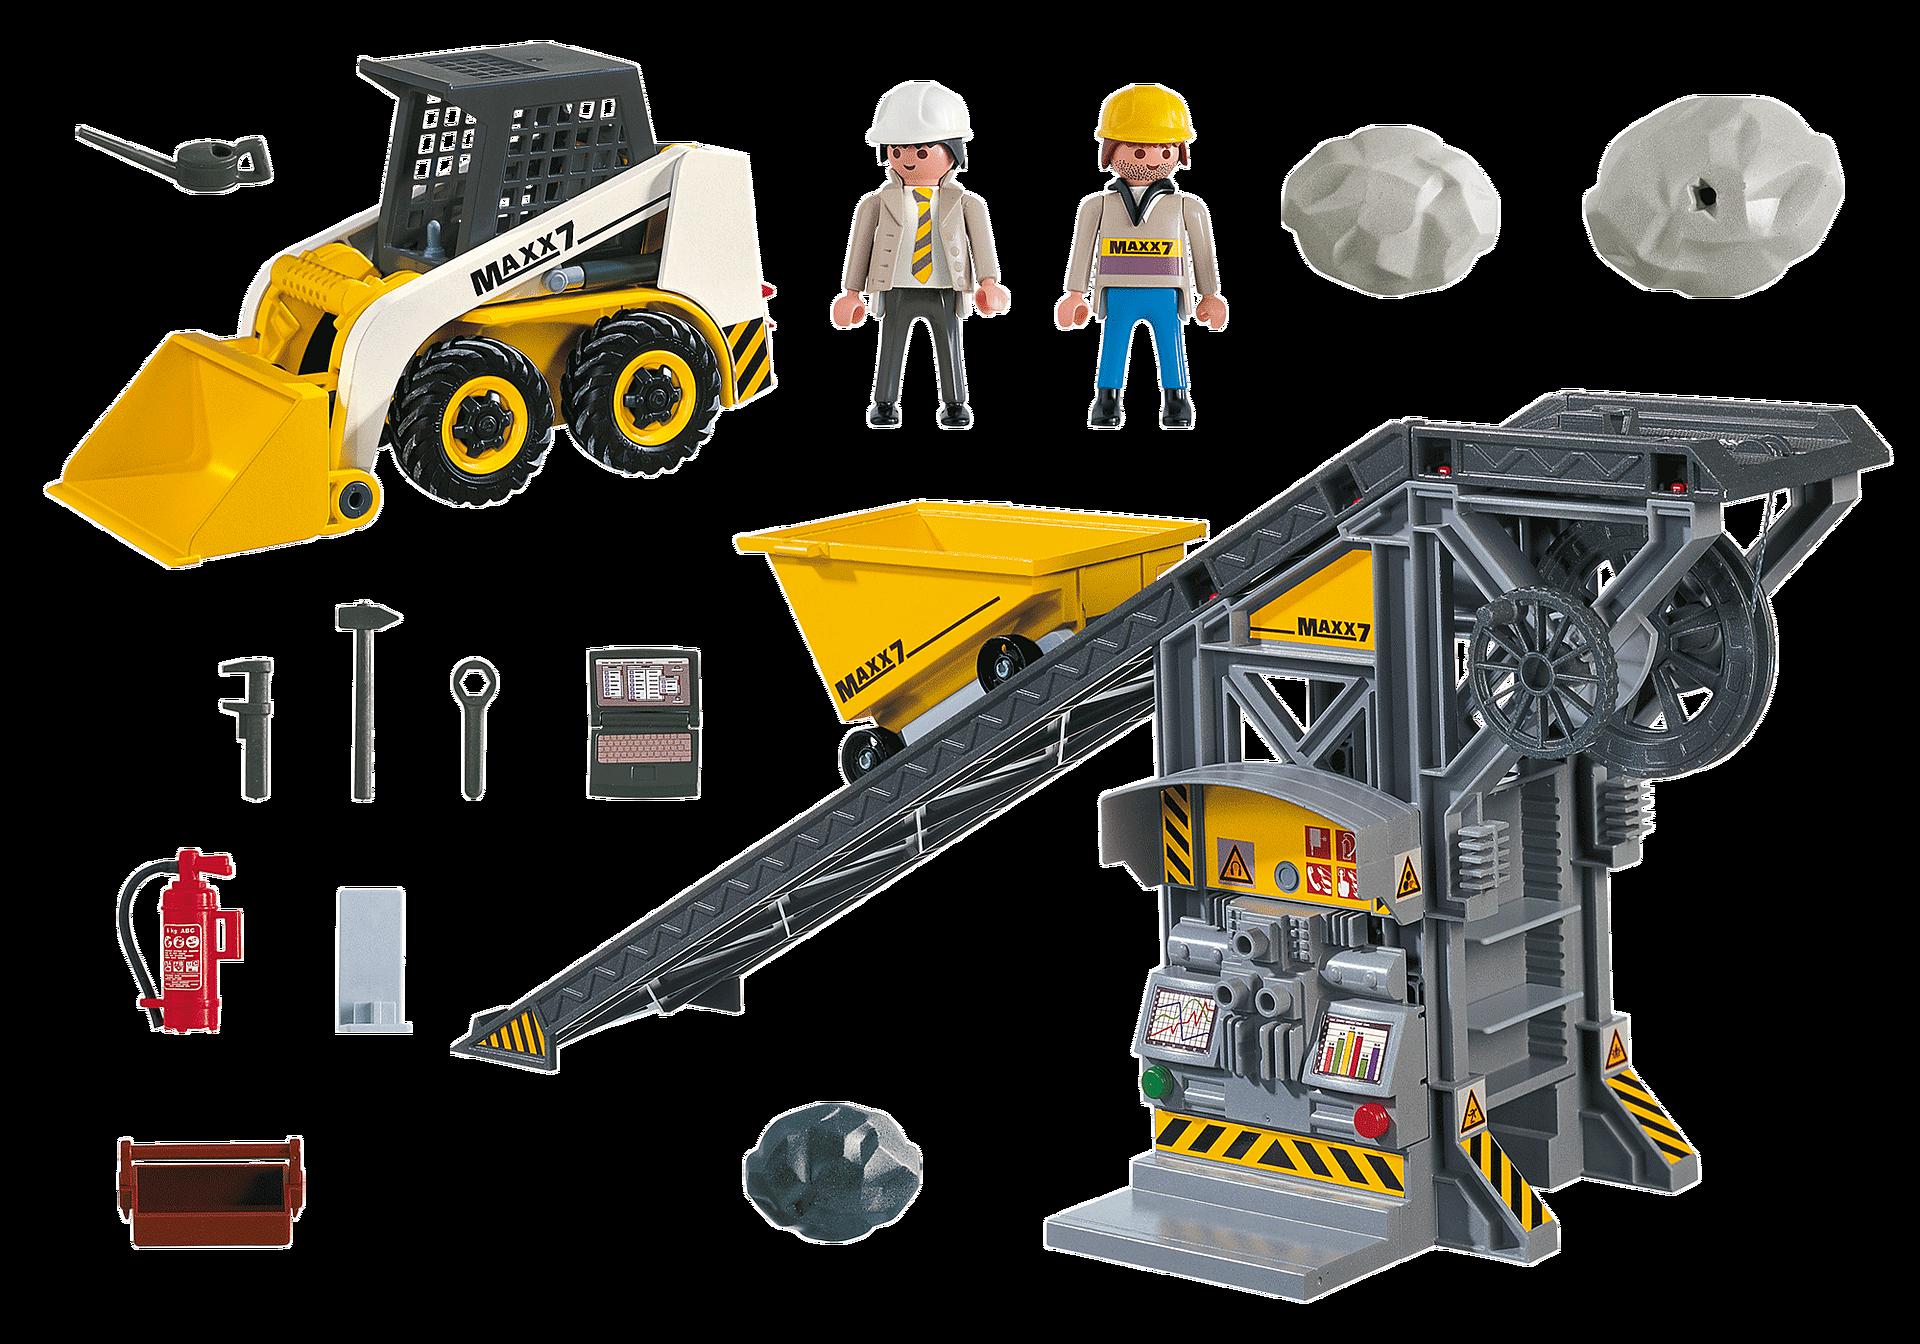 4041 Cinta Transportadora con Mini Excavadora zoom image3